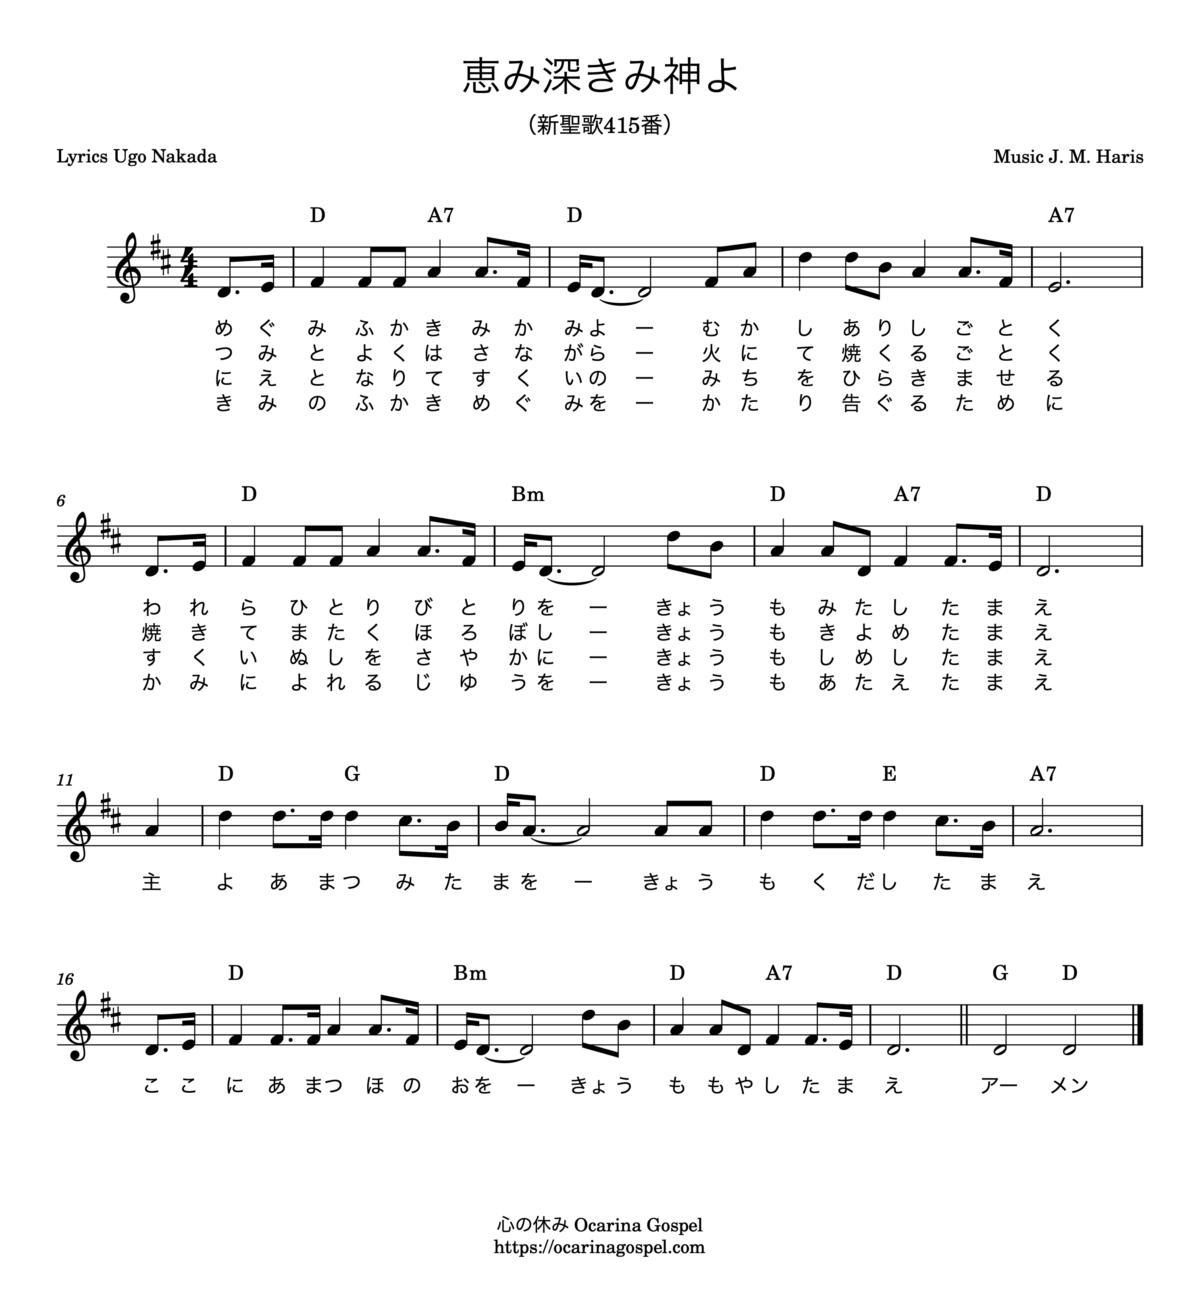 恵み深きみ神よ 楽譜